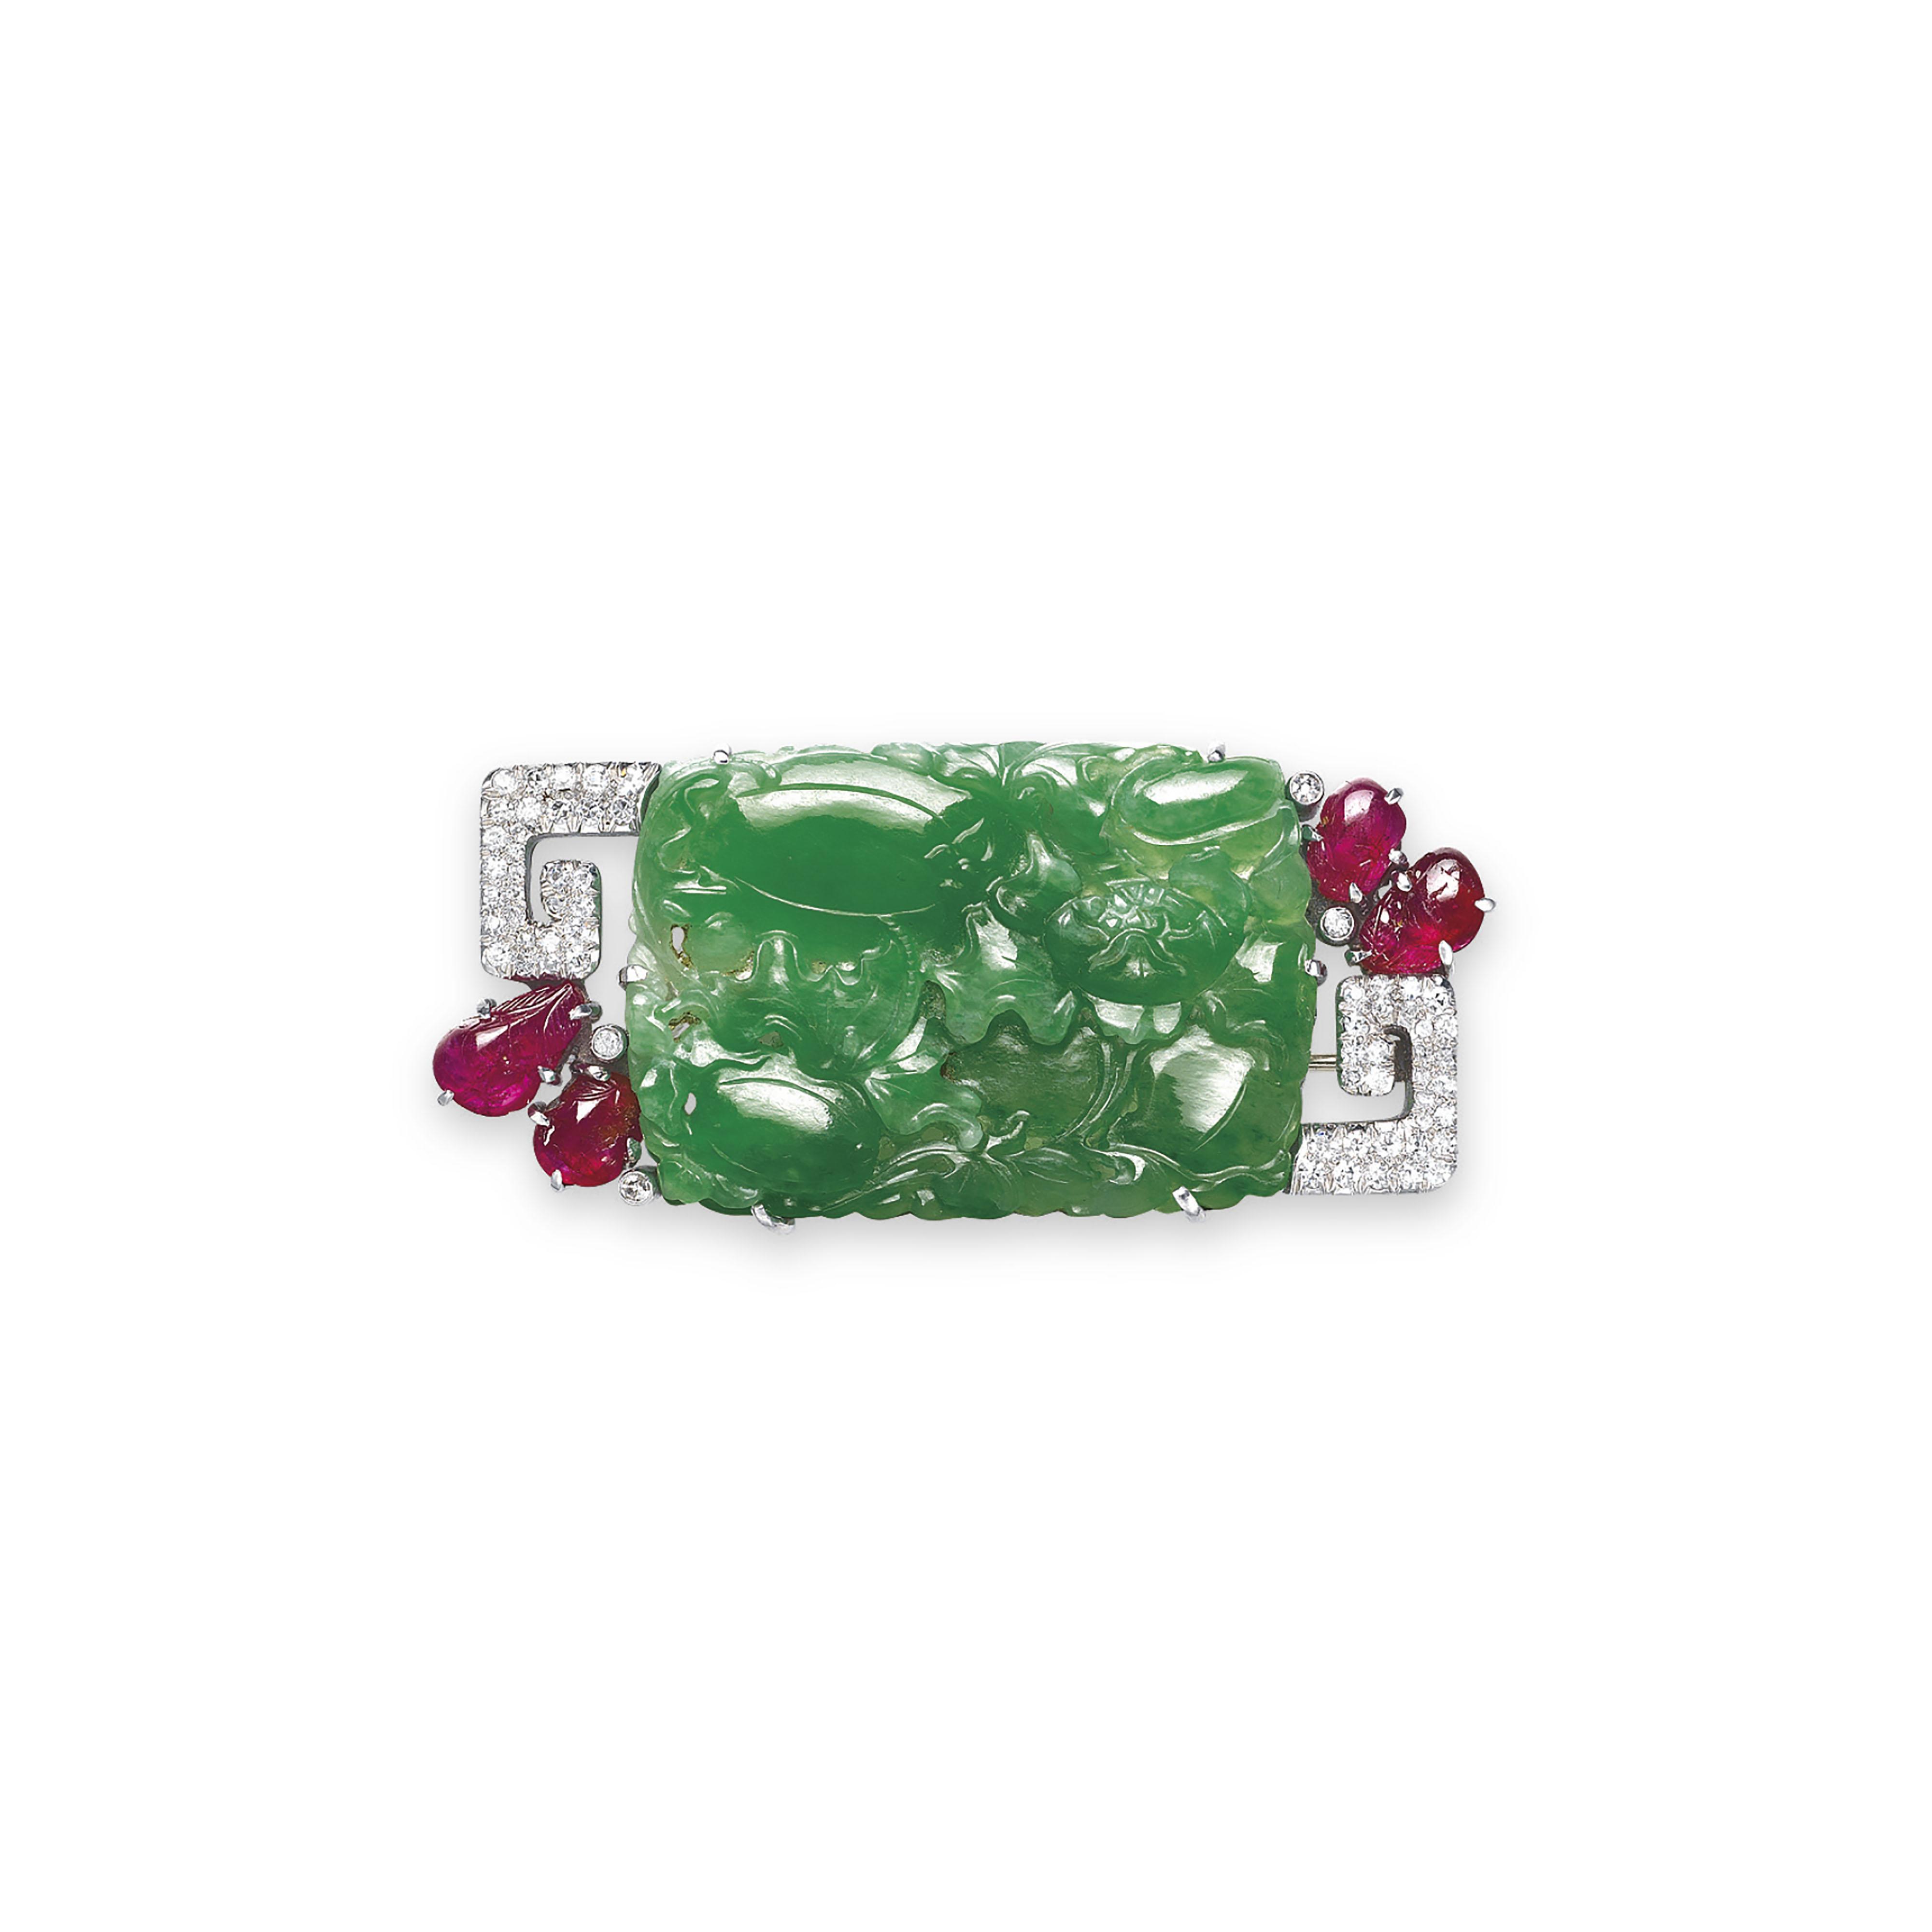 A JADEITE, RUBY AND DIAMOND BR